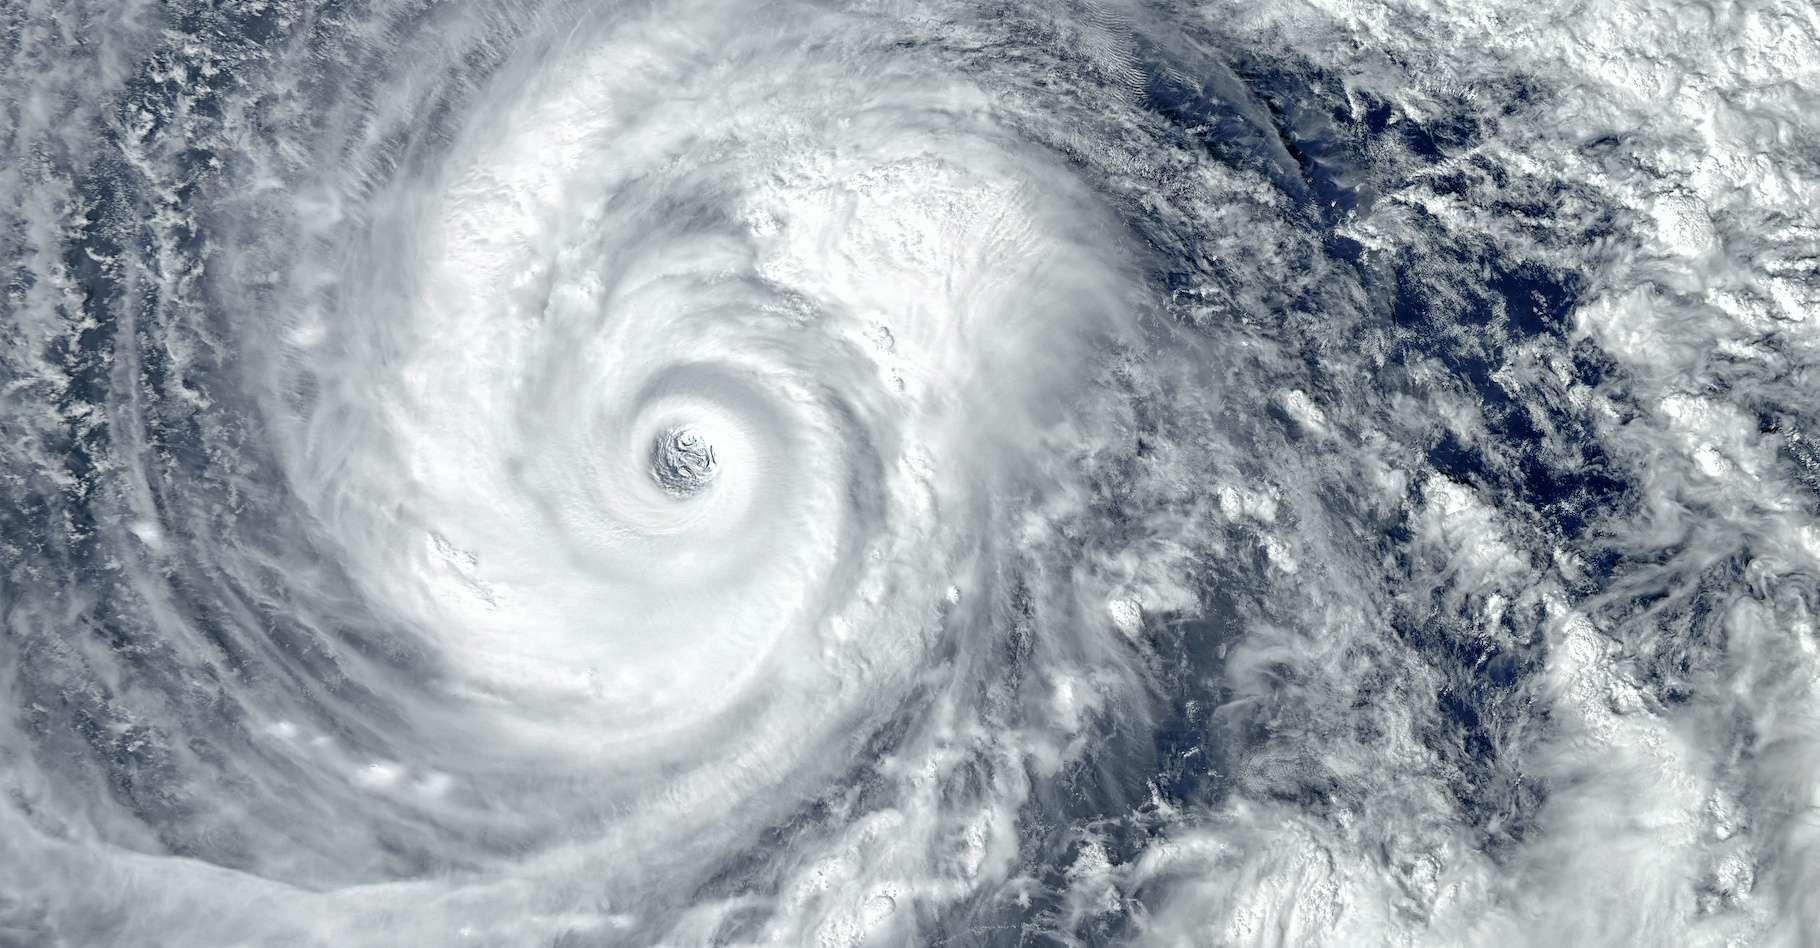 Après sa formation en dépression tropicale, l'ouragan Delta est très rapidement devenu plus fort et plus puissant. Il s'est ensuite calmé avant de se renforcer à nouveau à l'approche des côtes américaines. © EvgeniyQW, Adobe Stock